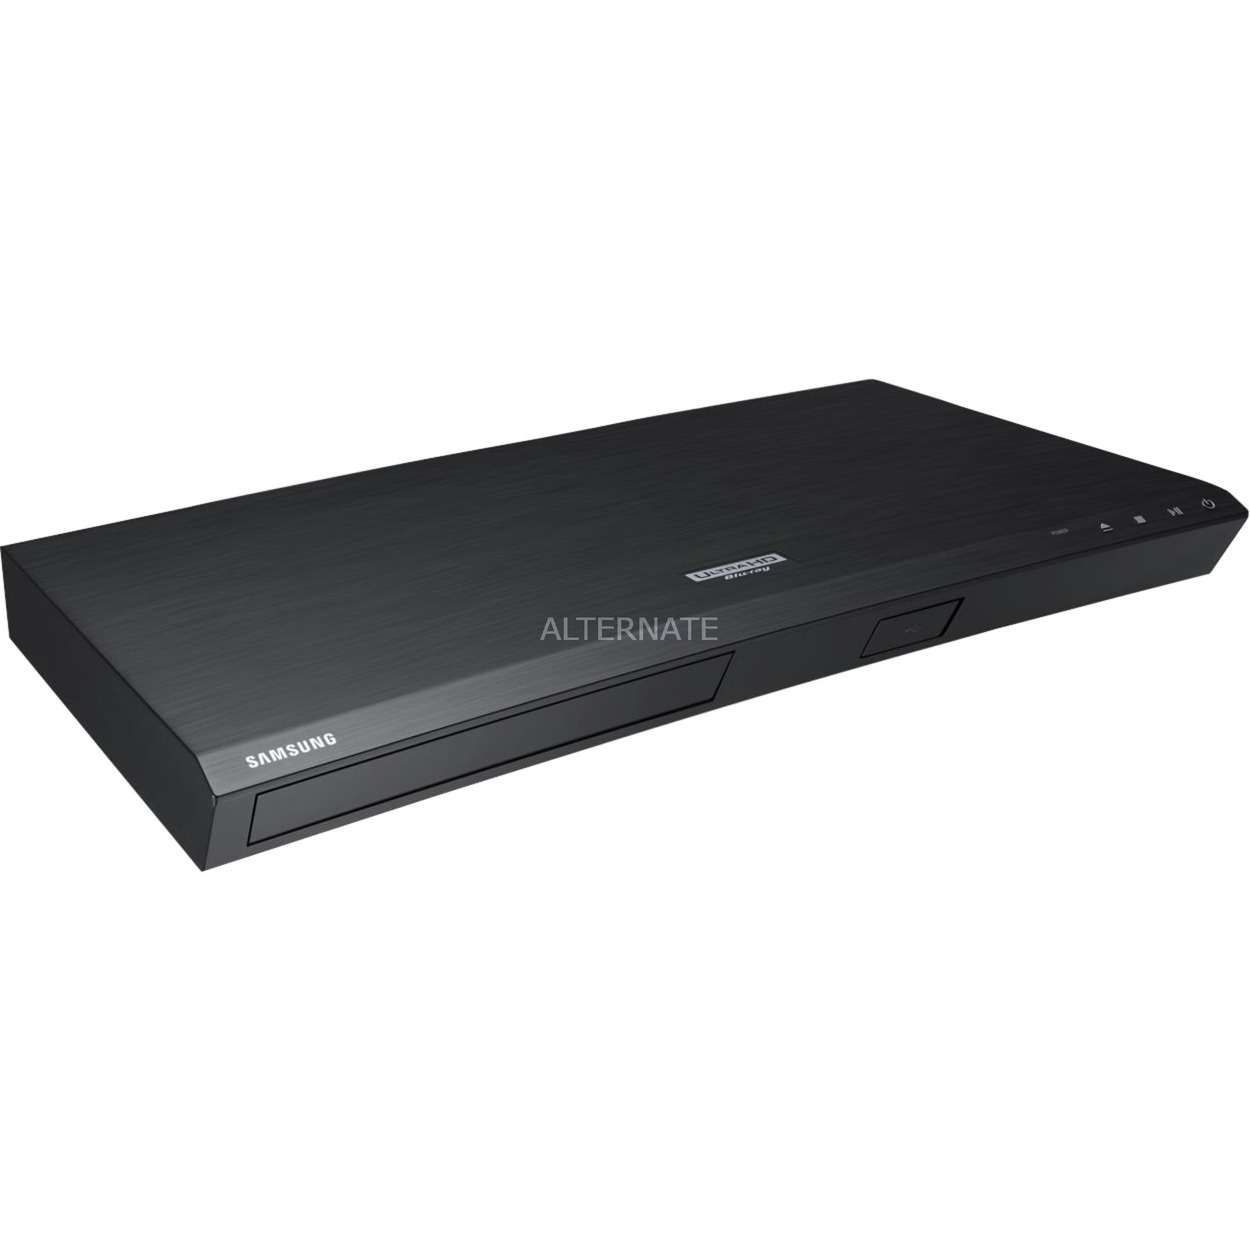 UBD-M8500 Lecteur Blu-Ray 7.1canaux Noir lecteur Blu-Ray